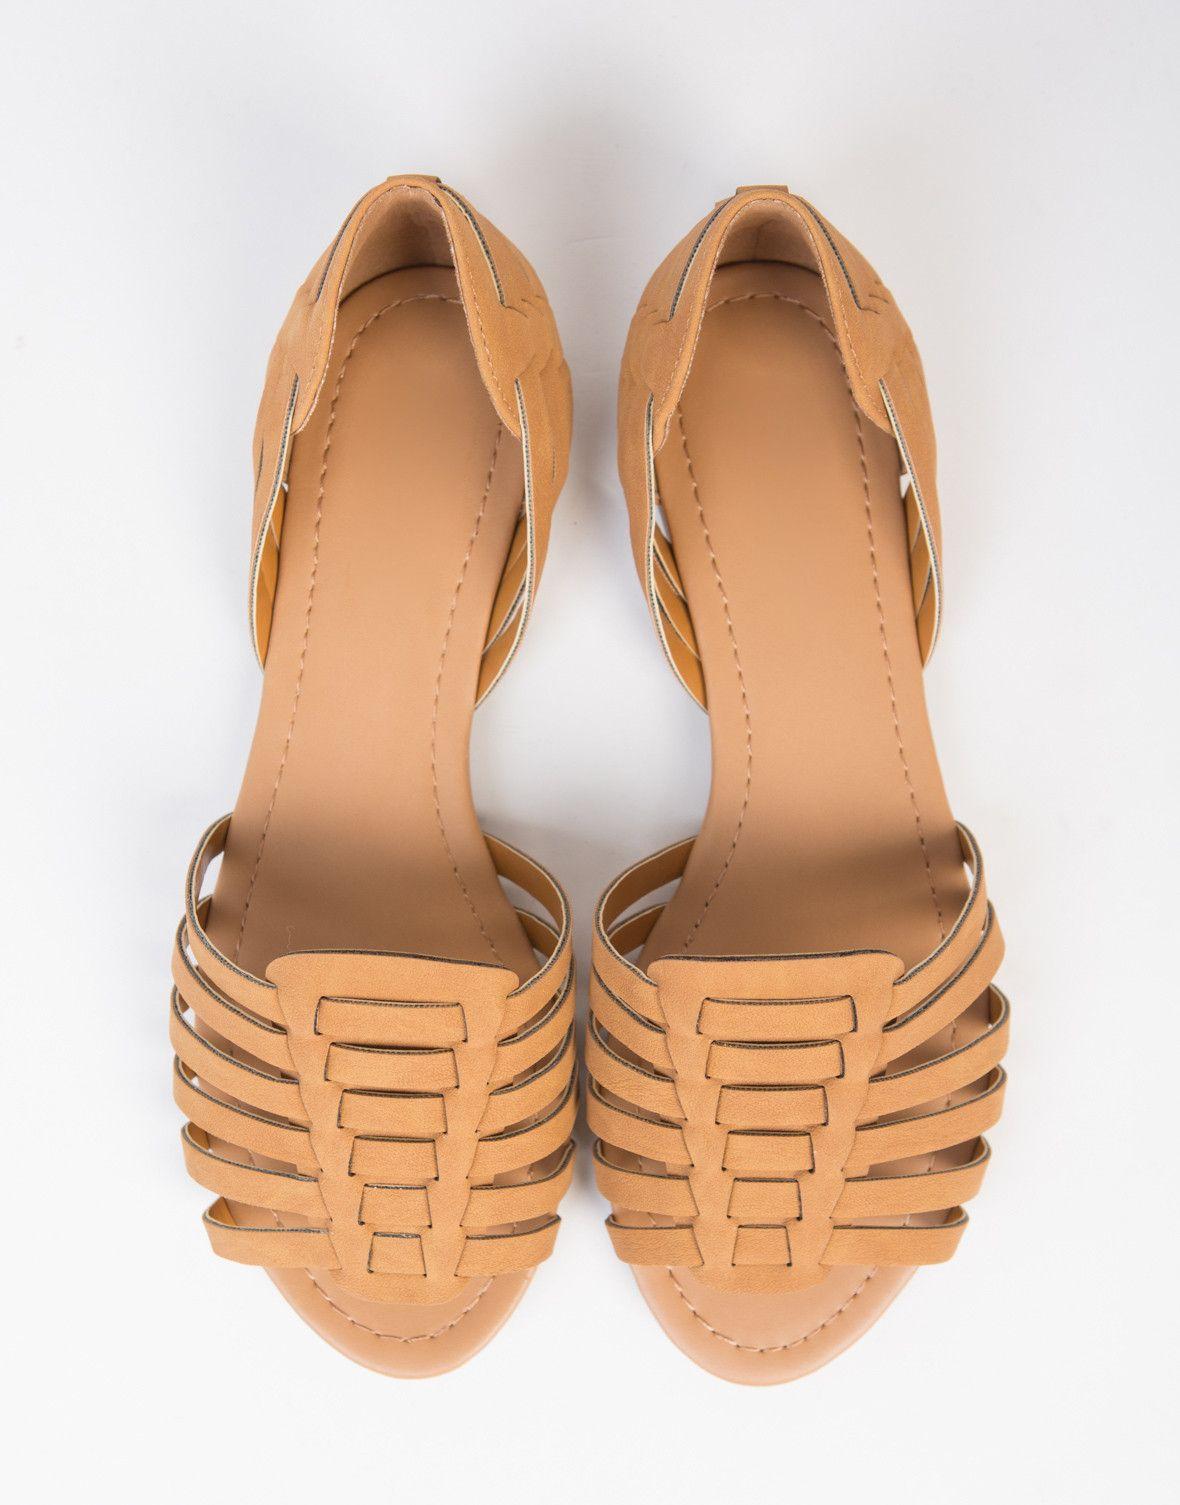 Woven Open Toe Flats | Peep toe boots